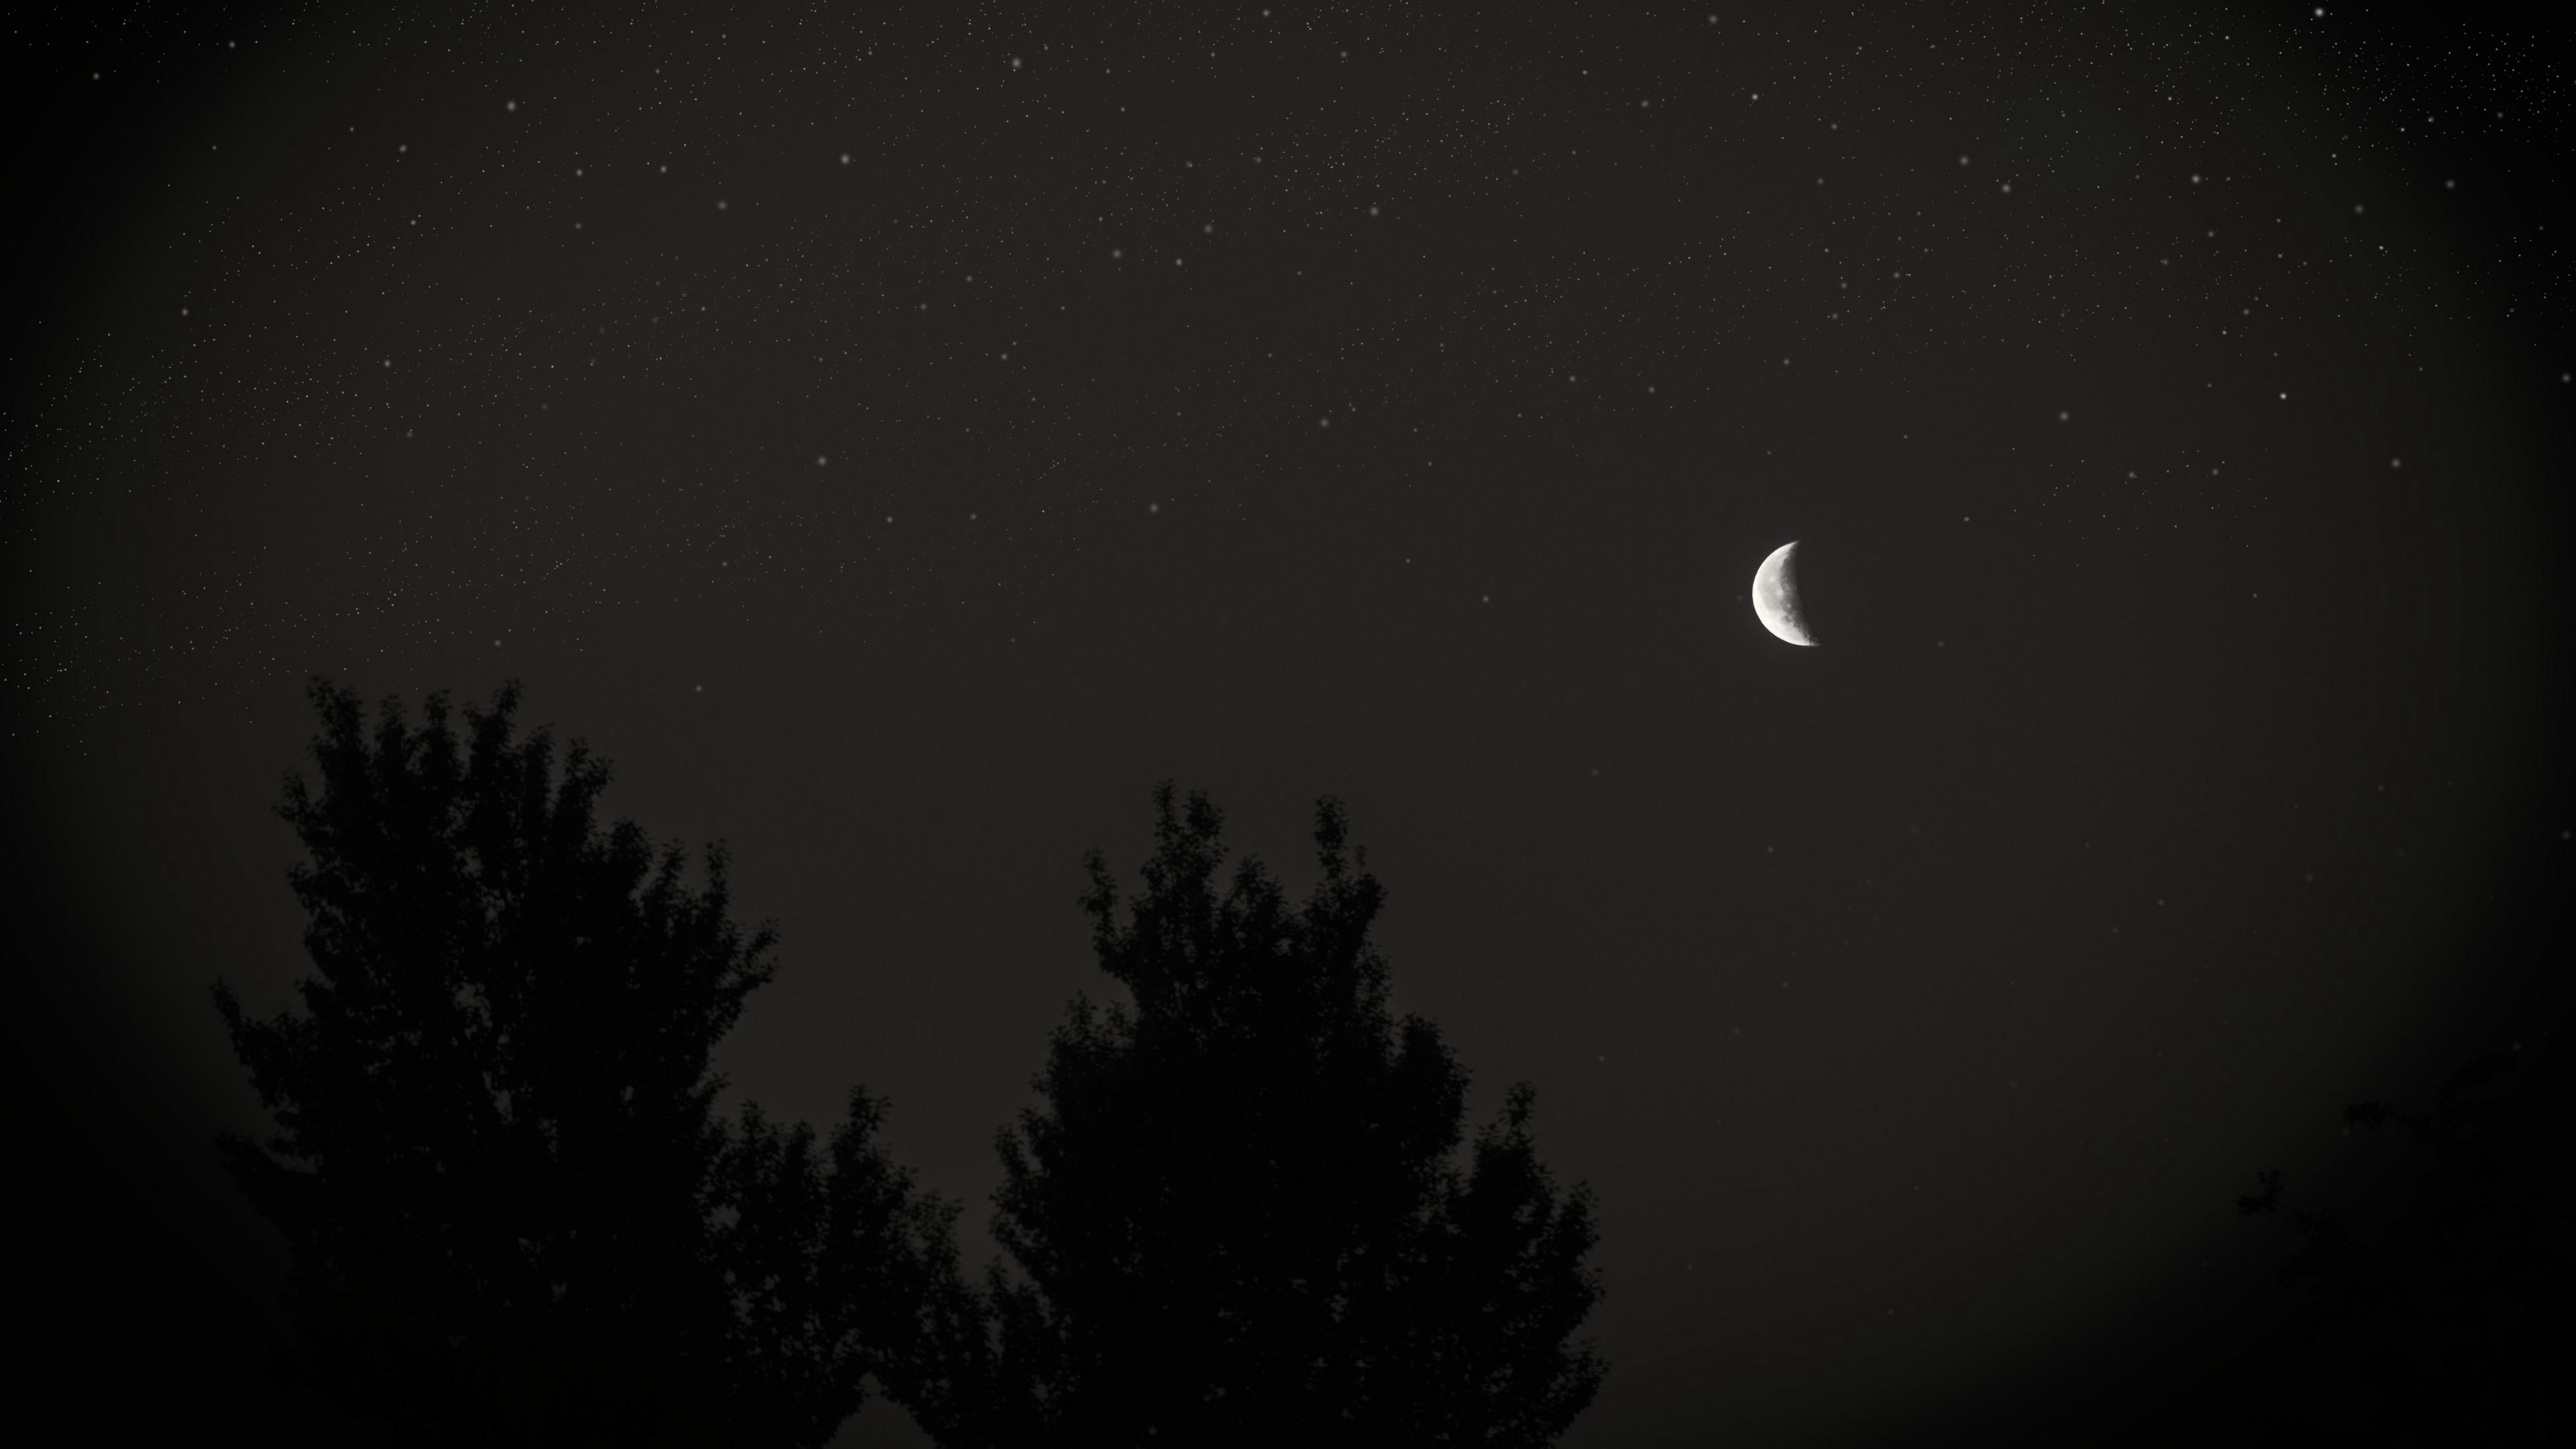 Wallpaper 4k Moon Night Sky Tree Stars Dark 4k Moon Night Sky